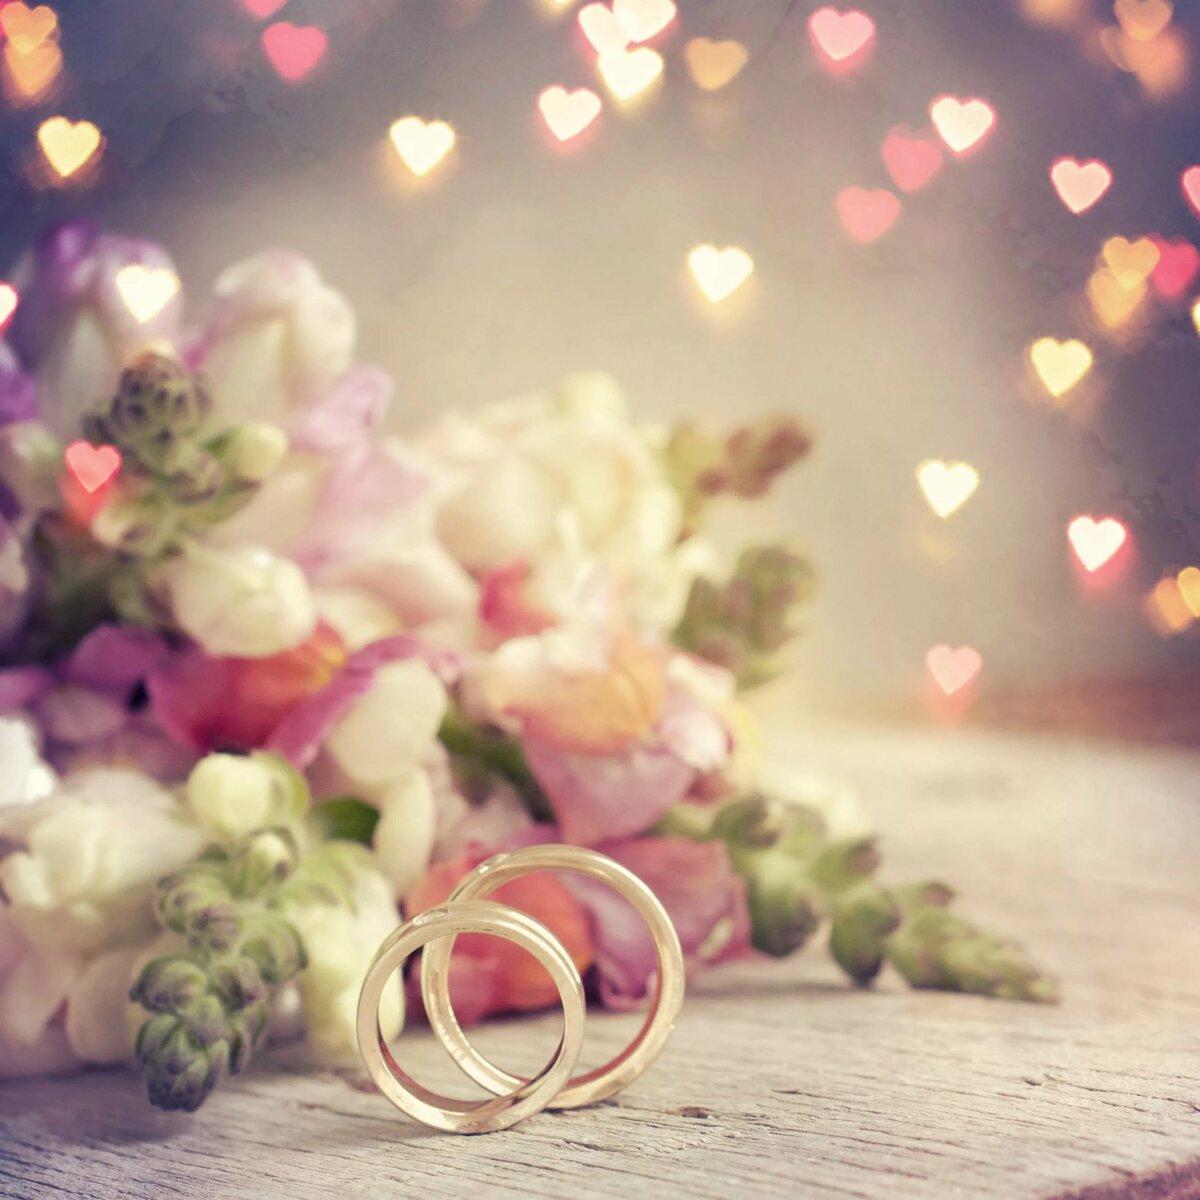 Что подарить на 10 лет свадьбы - символические и недорогие подарки